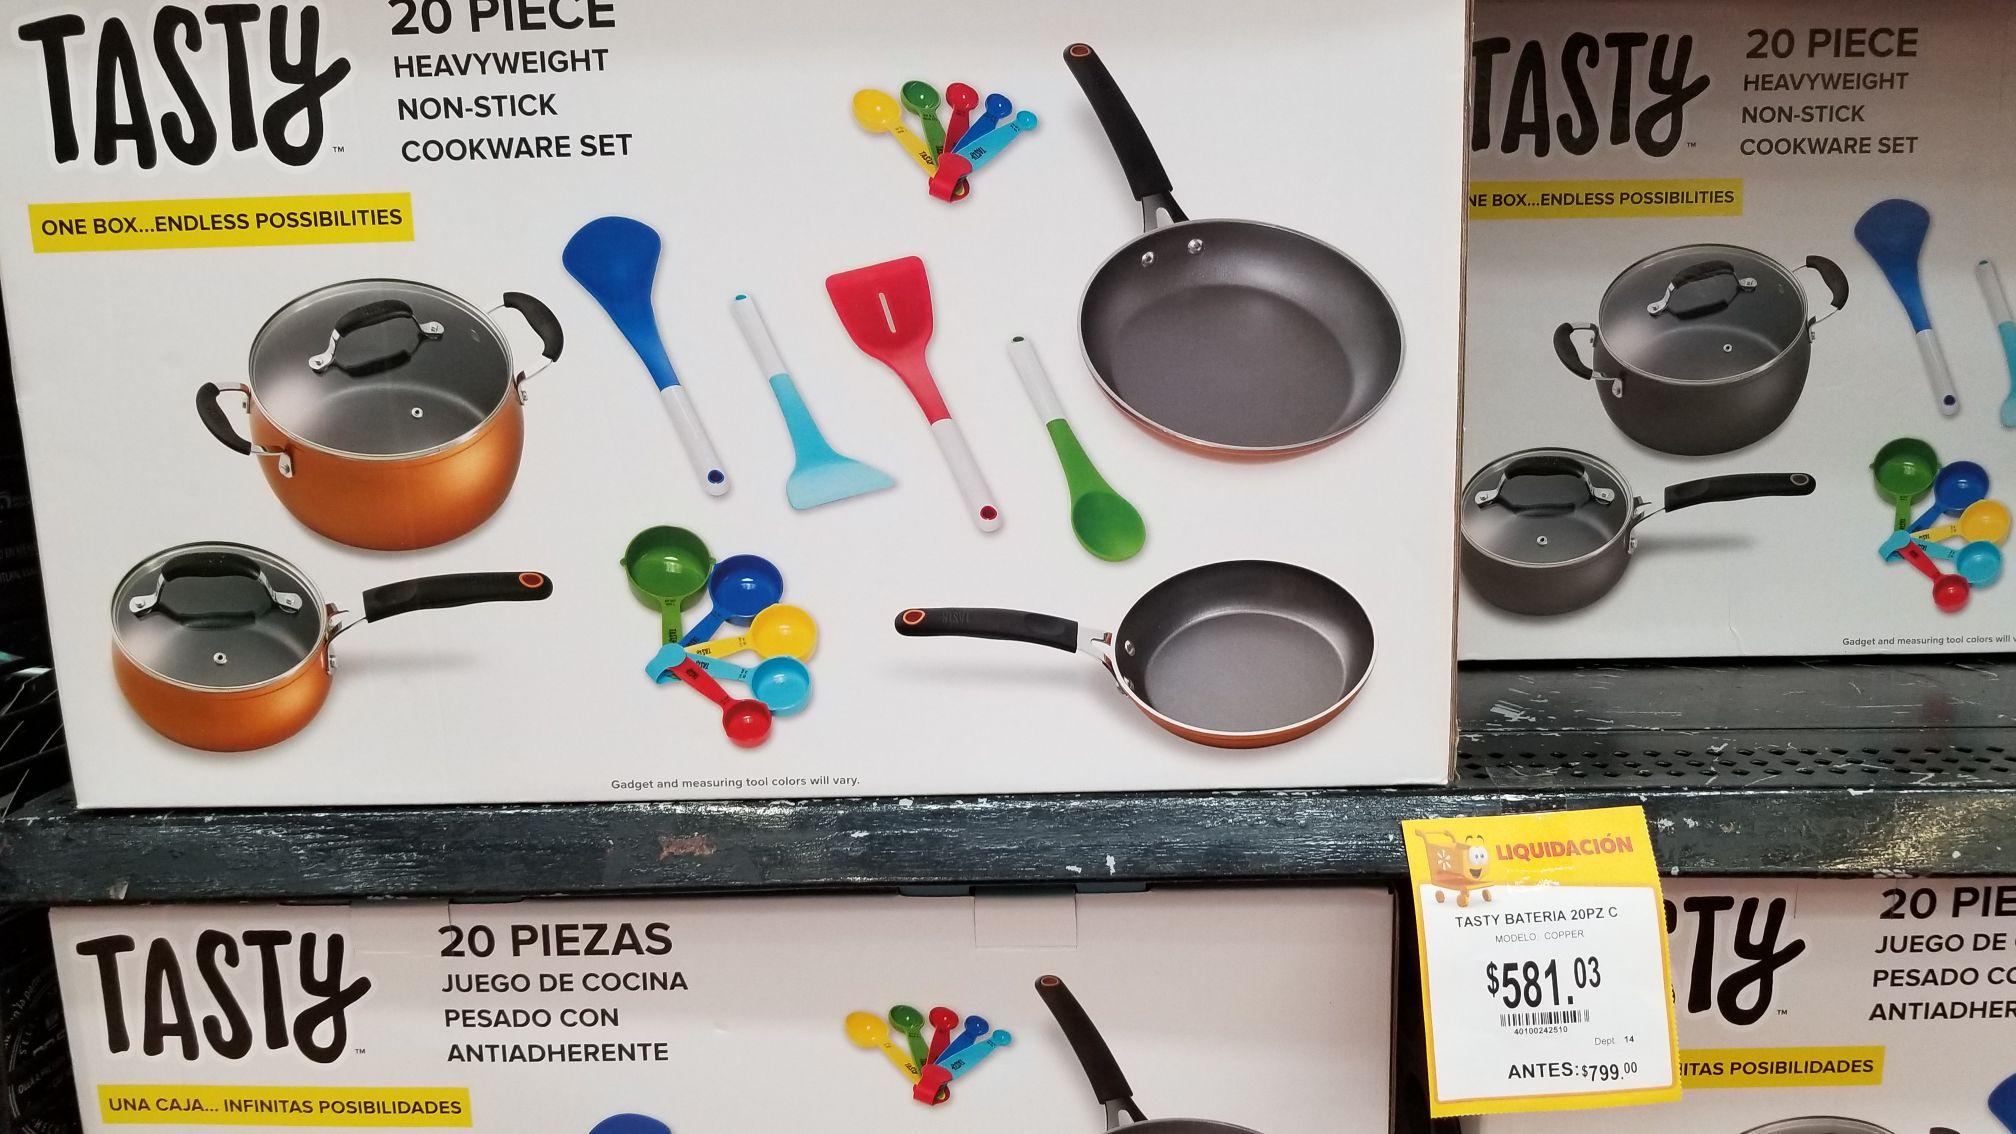 Walmart: Juego de Cocina Tasty 20 piezas